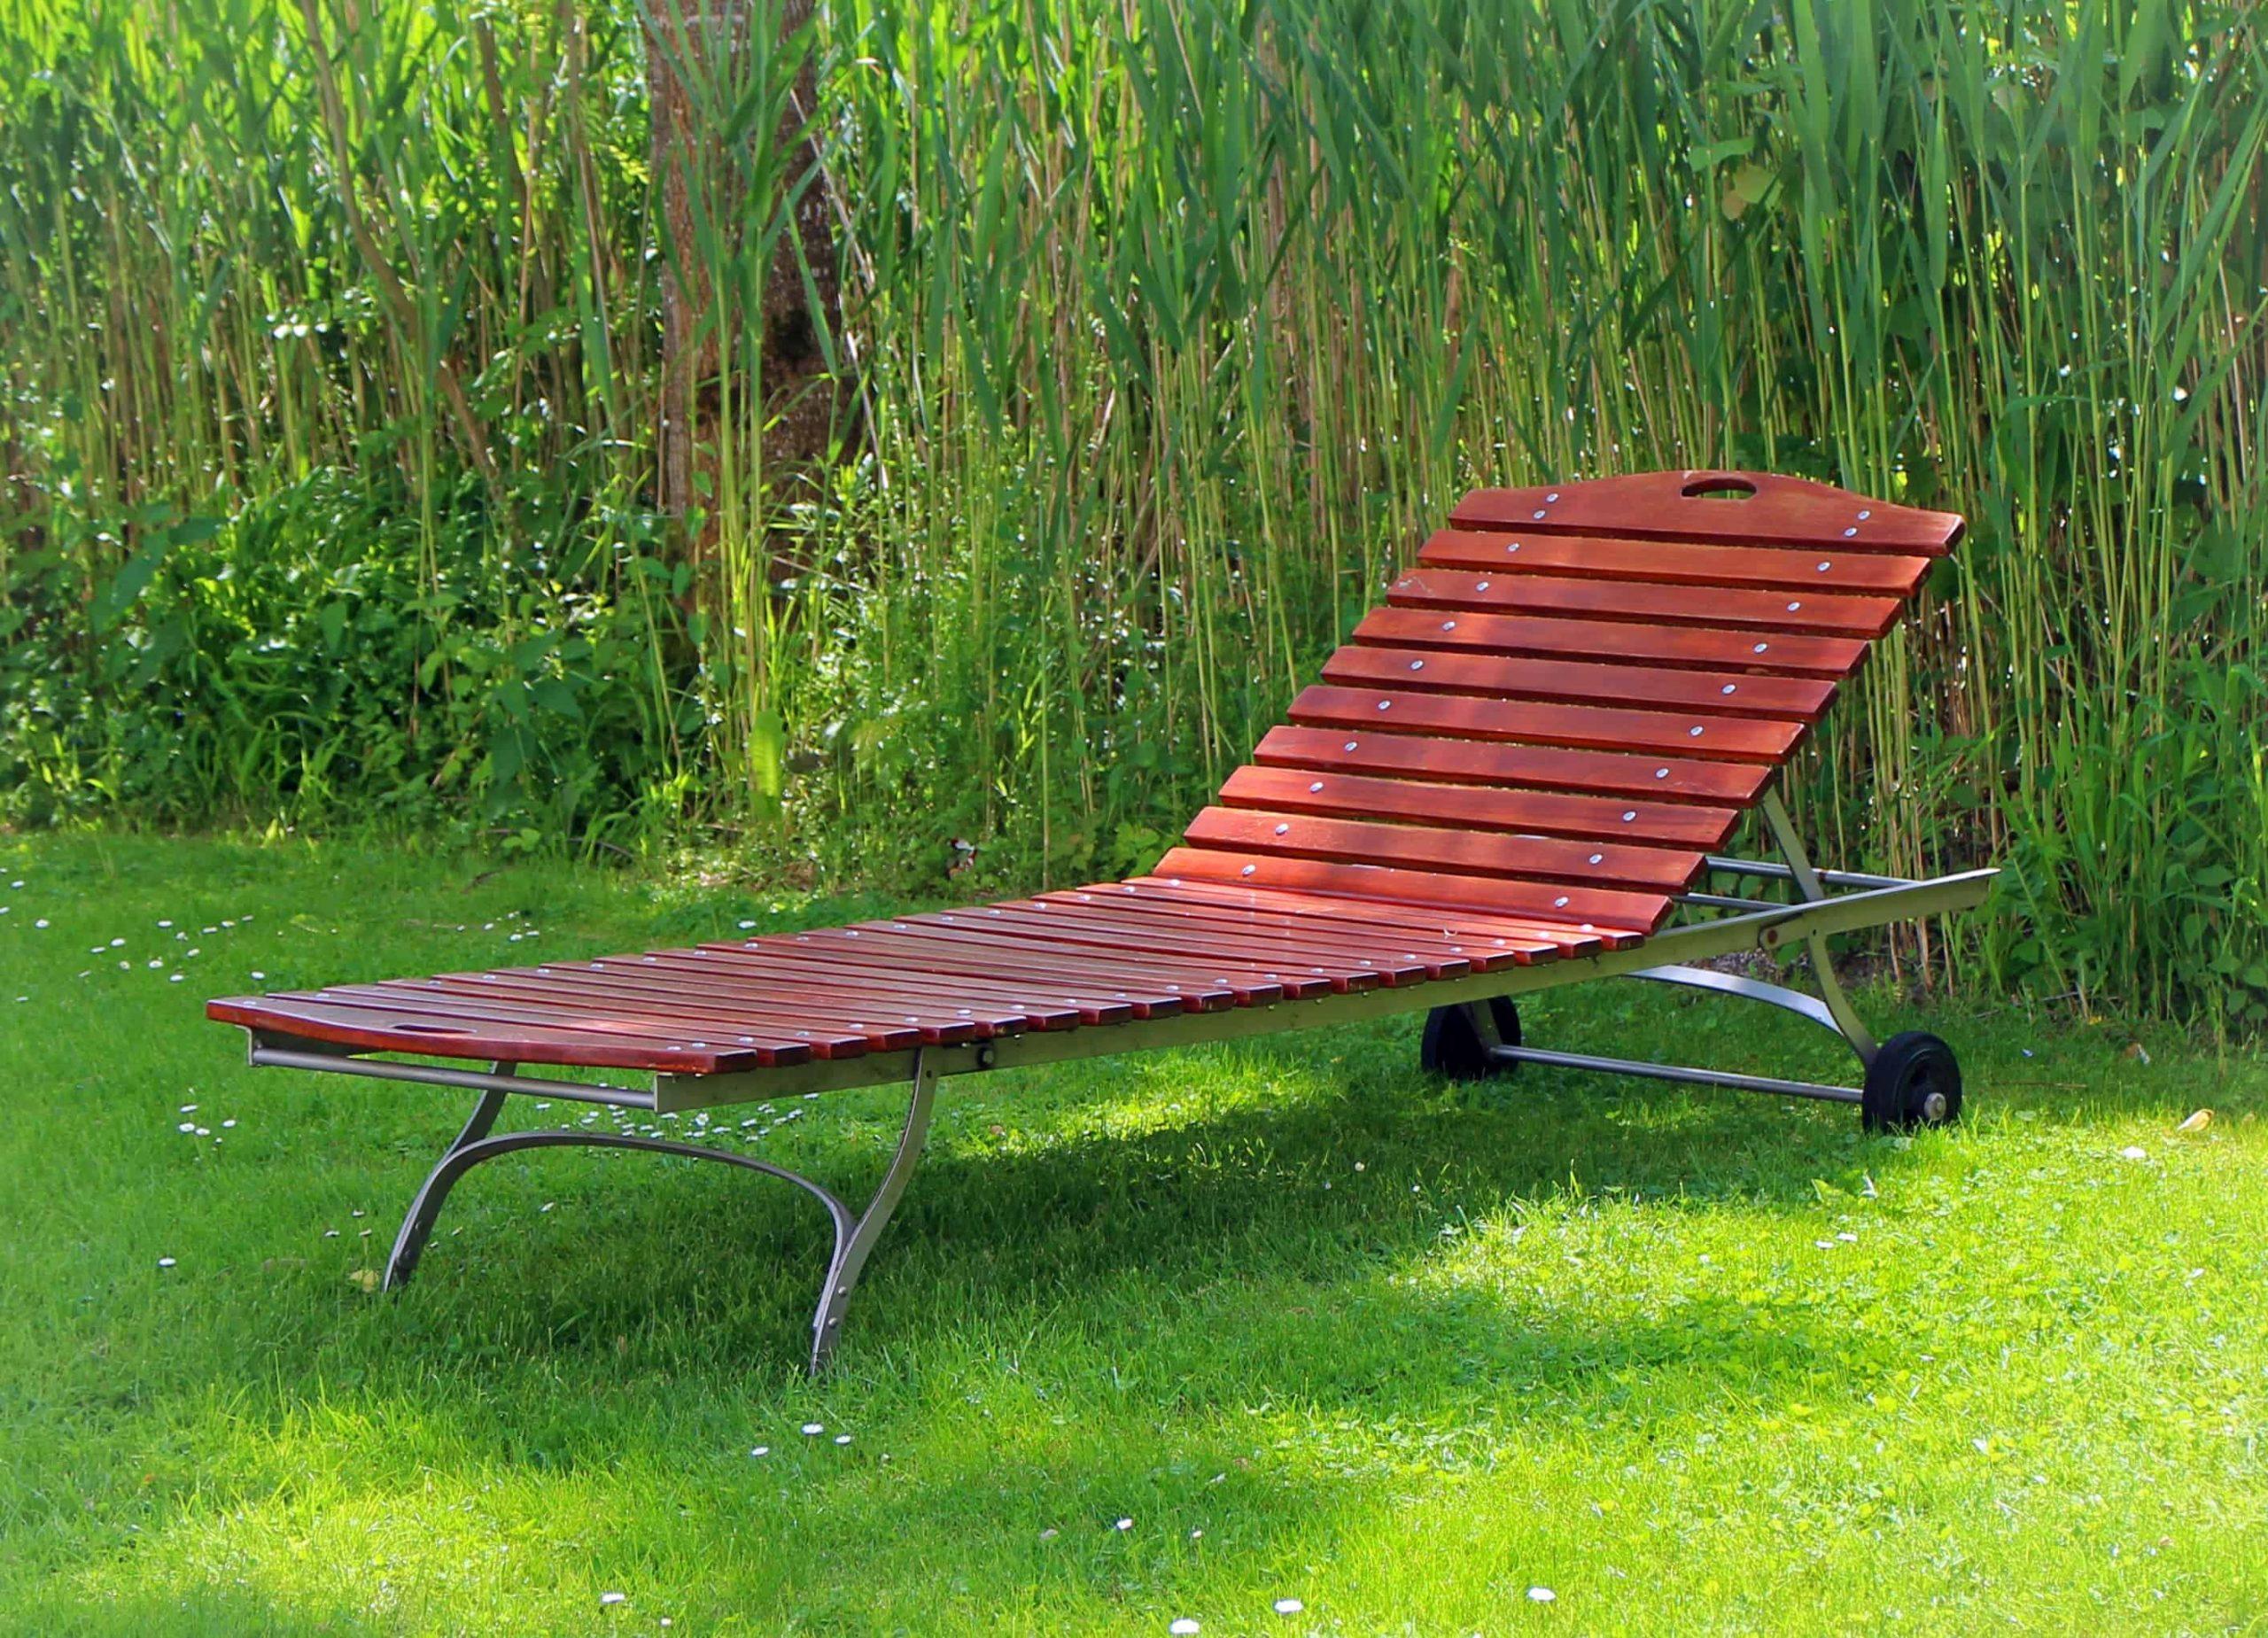 Full Size of Gartenliege Wetterfest Gartenliegen Ikea Klappbar Metall Aluminium Wetterfeste Kettler Test Holz Aldi Empfehlungen 04 20 Gartenbook Wohnzimmer Gartenliege Wetterfest